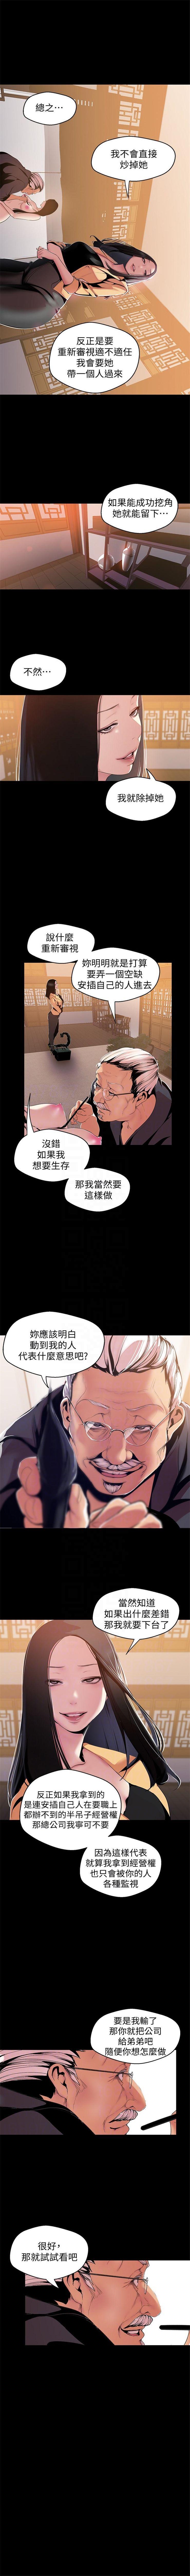 (周6)美丽新世界 1-61 中文翻译 (更新中) 413